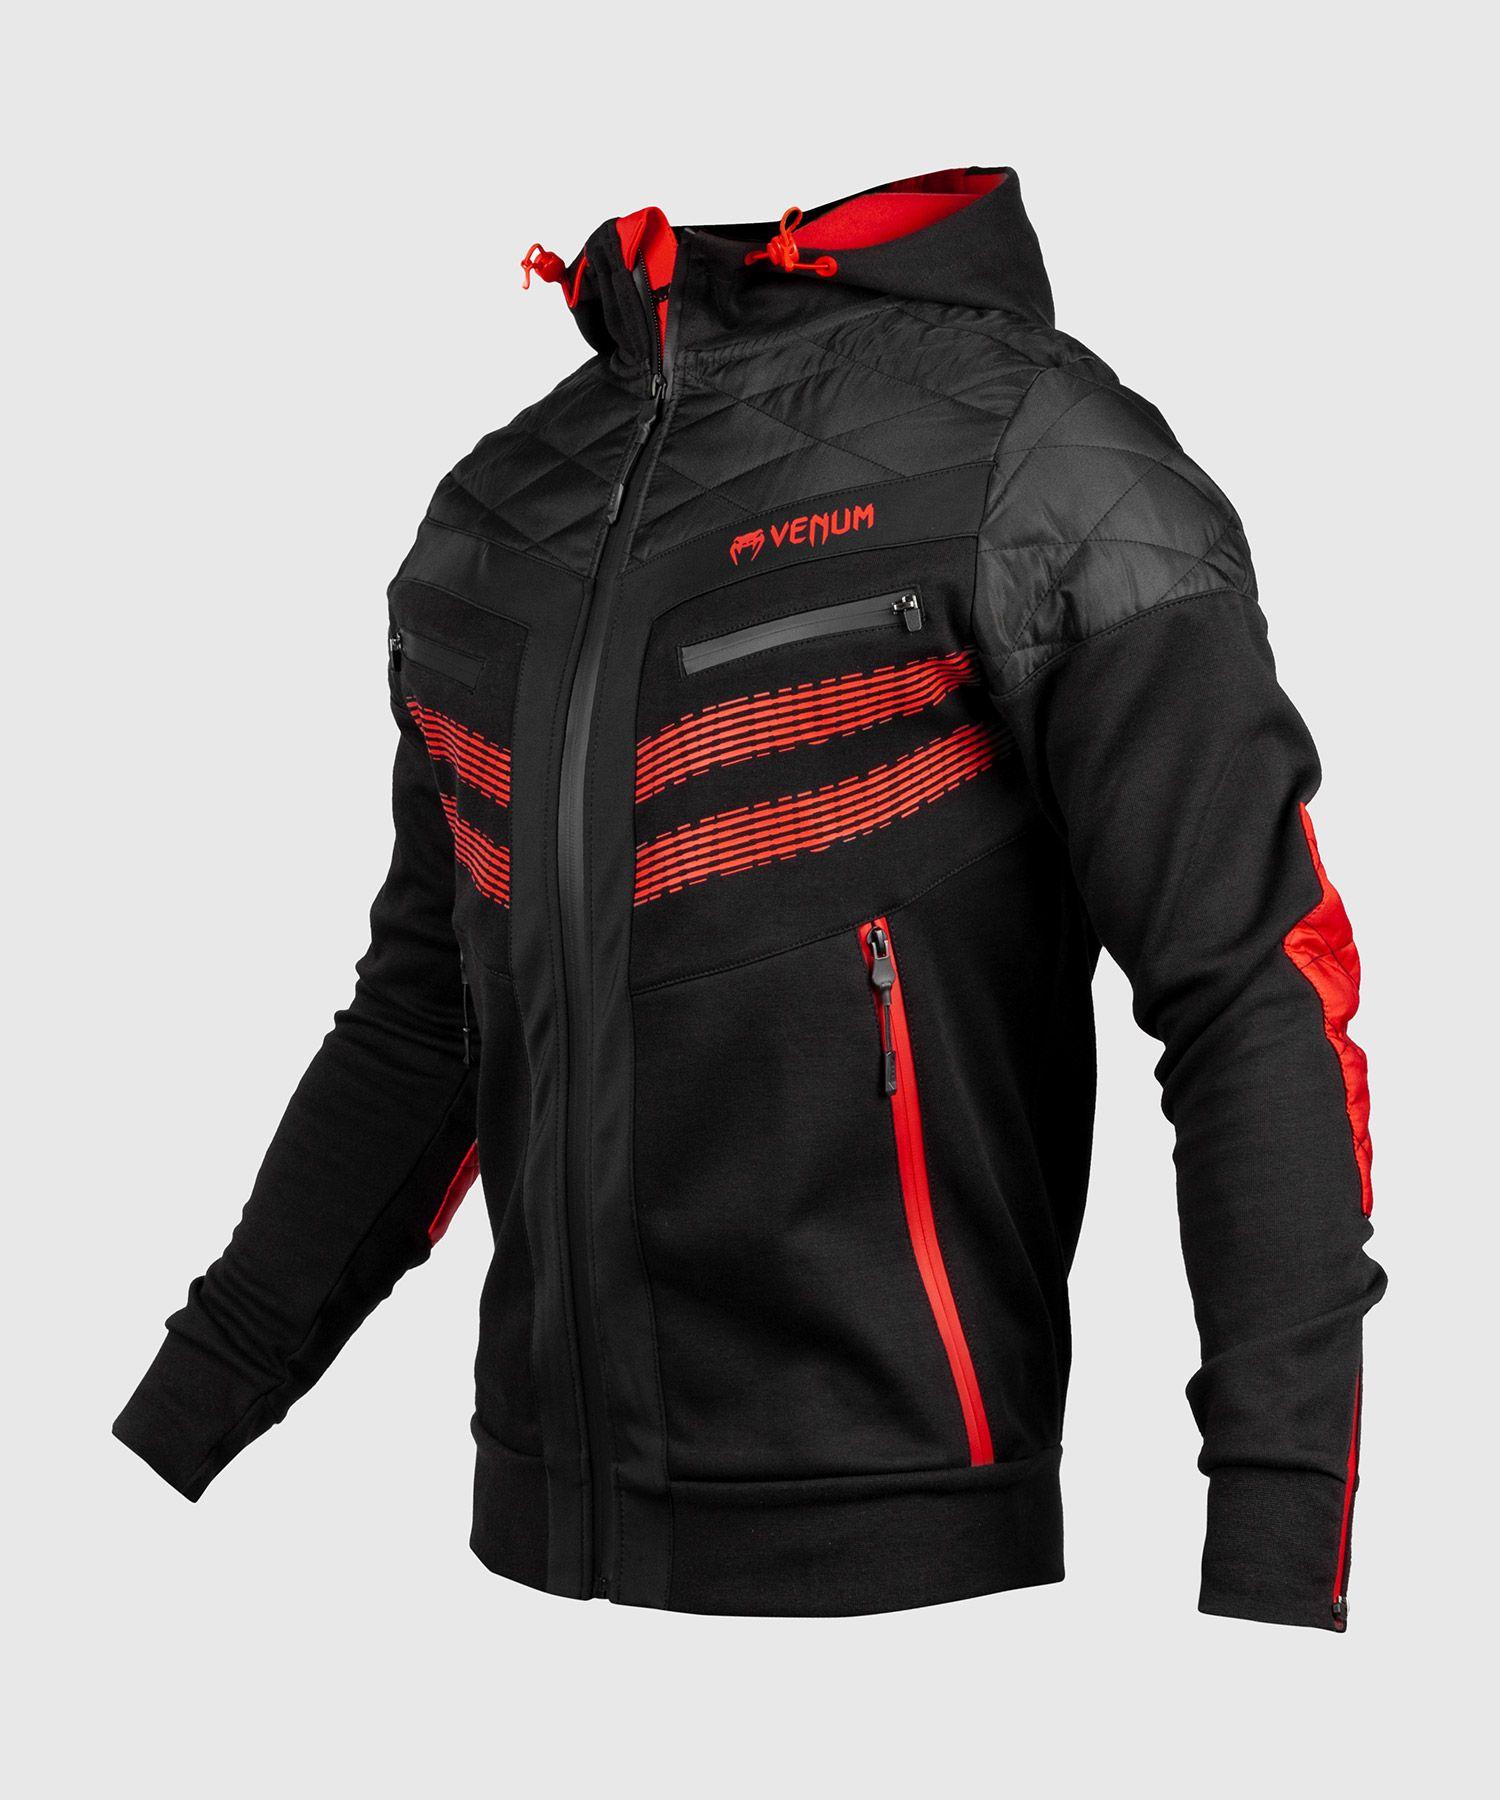 SIZES S Venum Hoodie Laser 2.0 Black//Red for Sports And Freizeit Mma,BJJ XXL